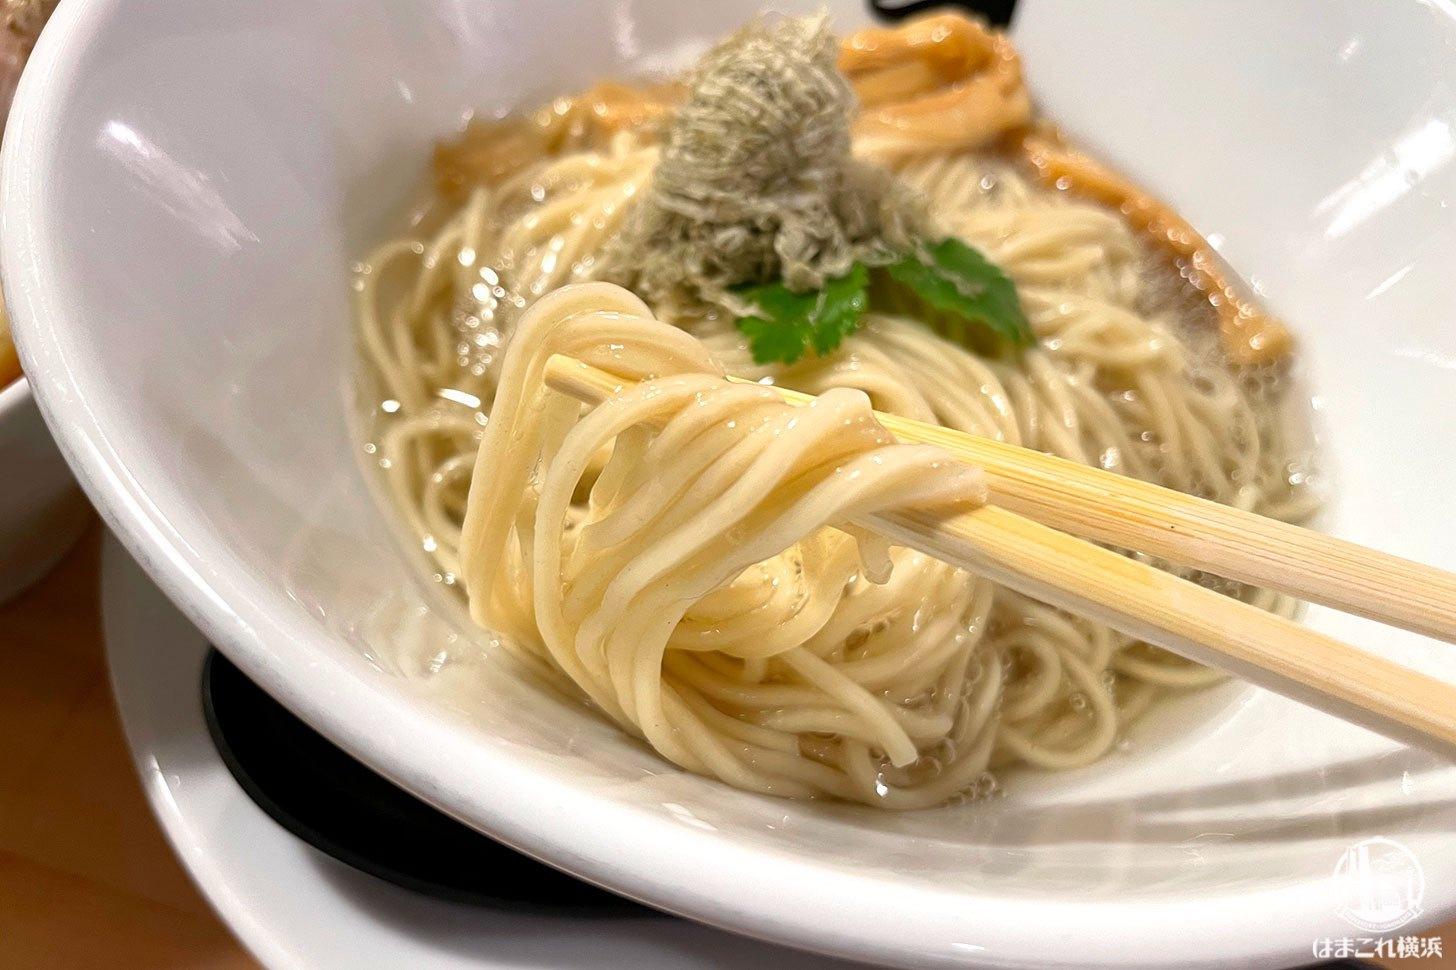 昆布水で食べるつけ麺